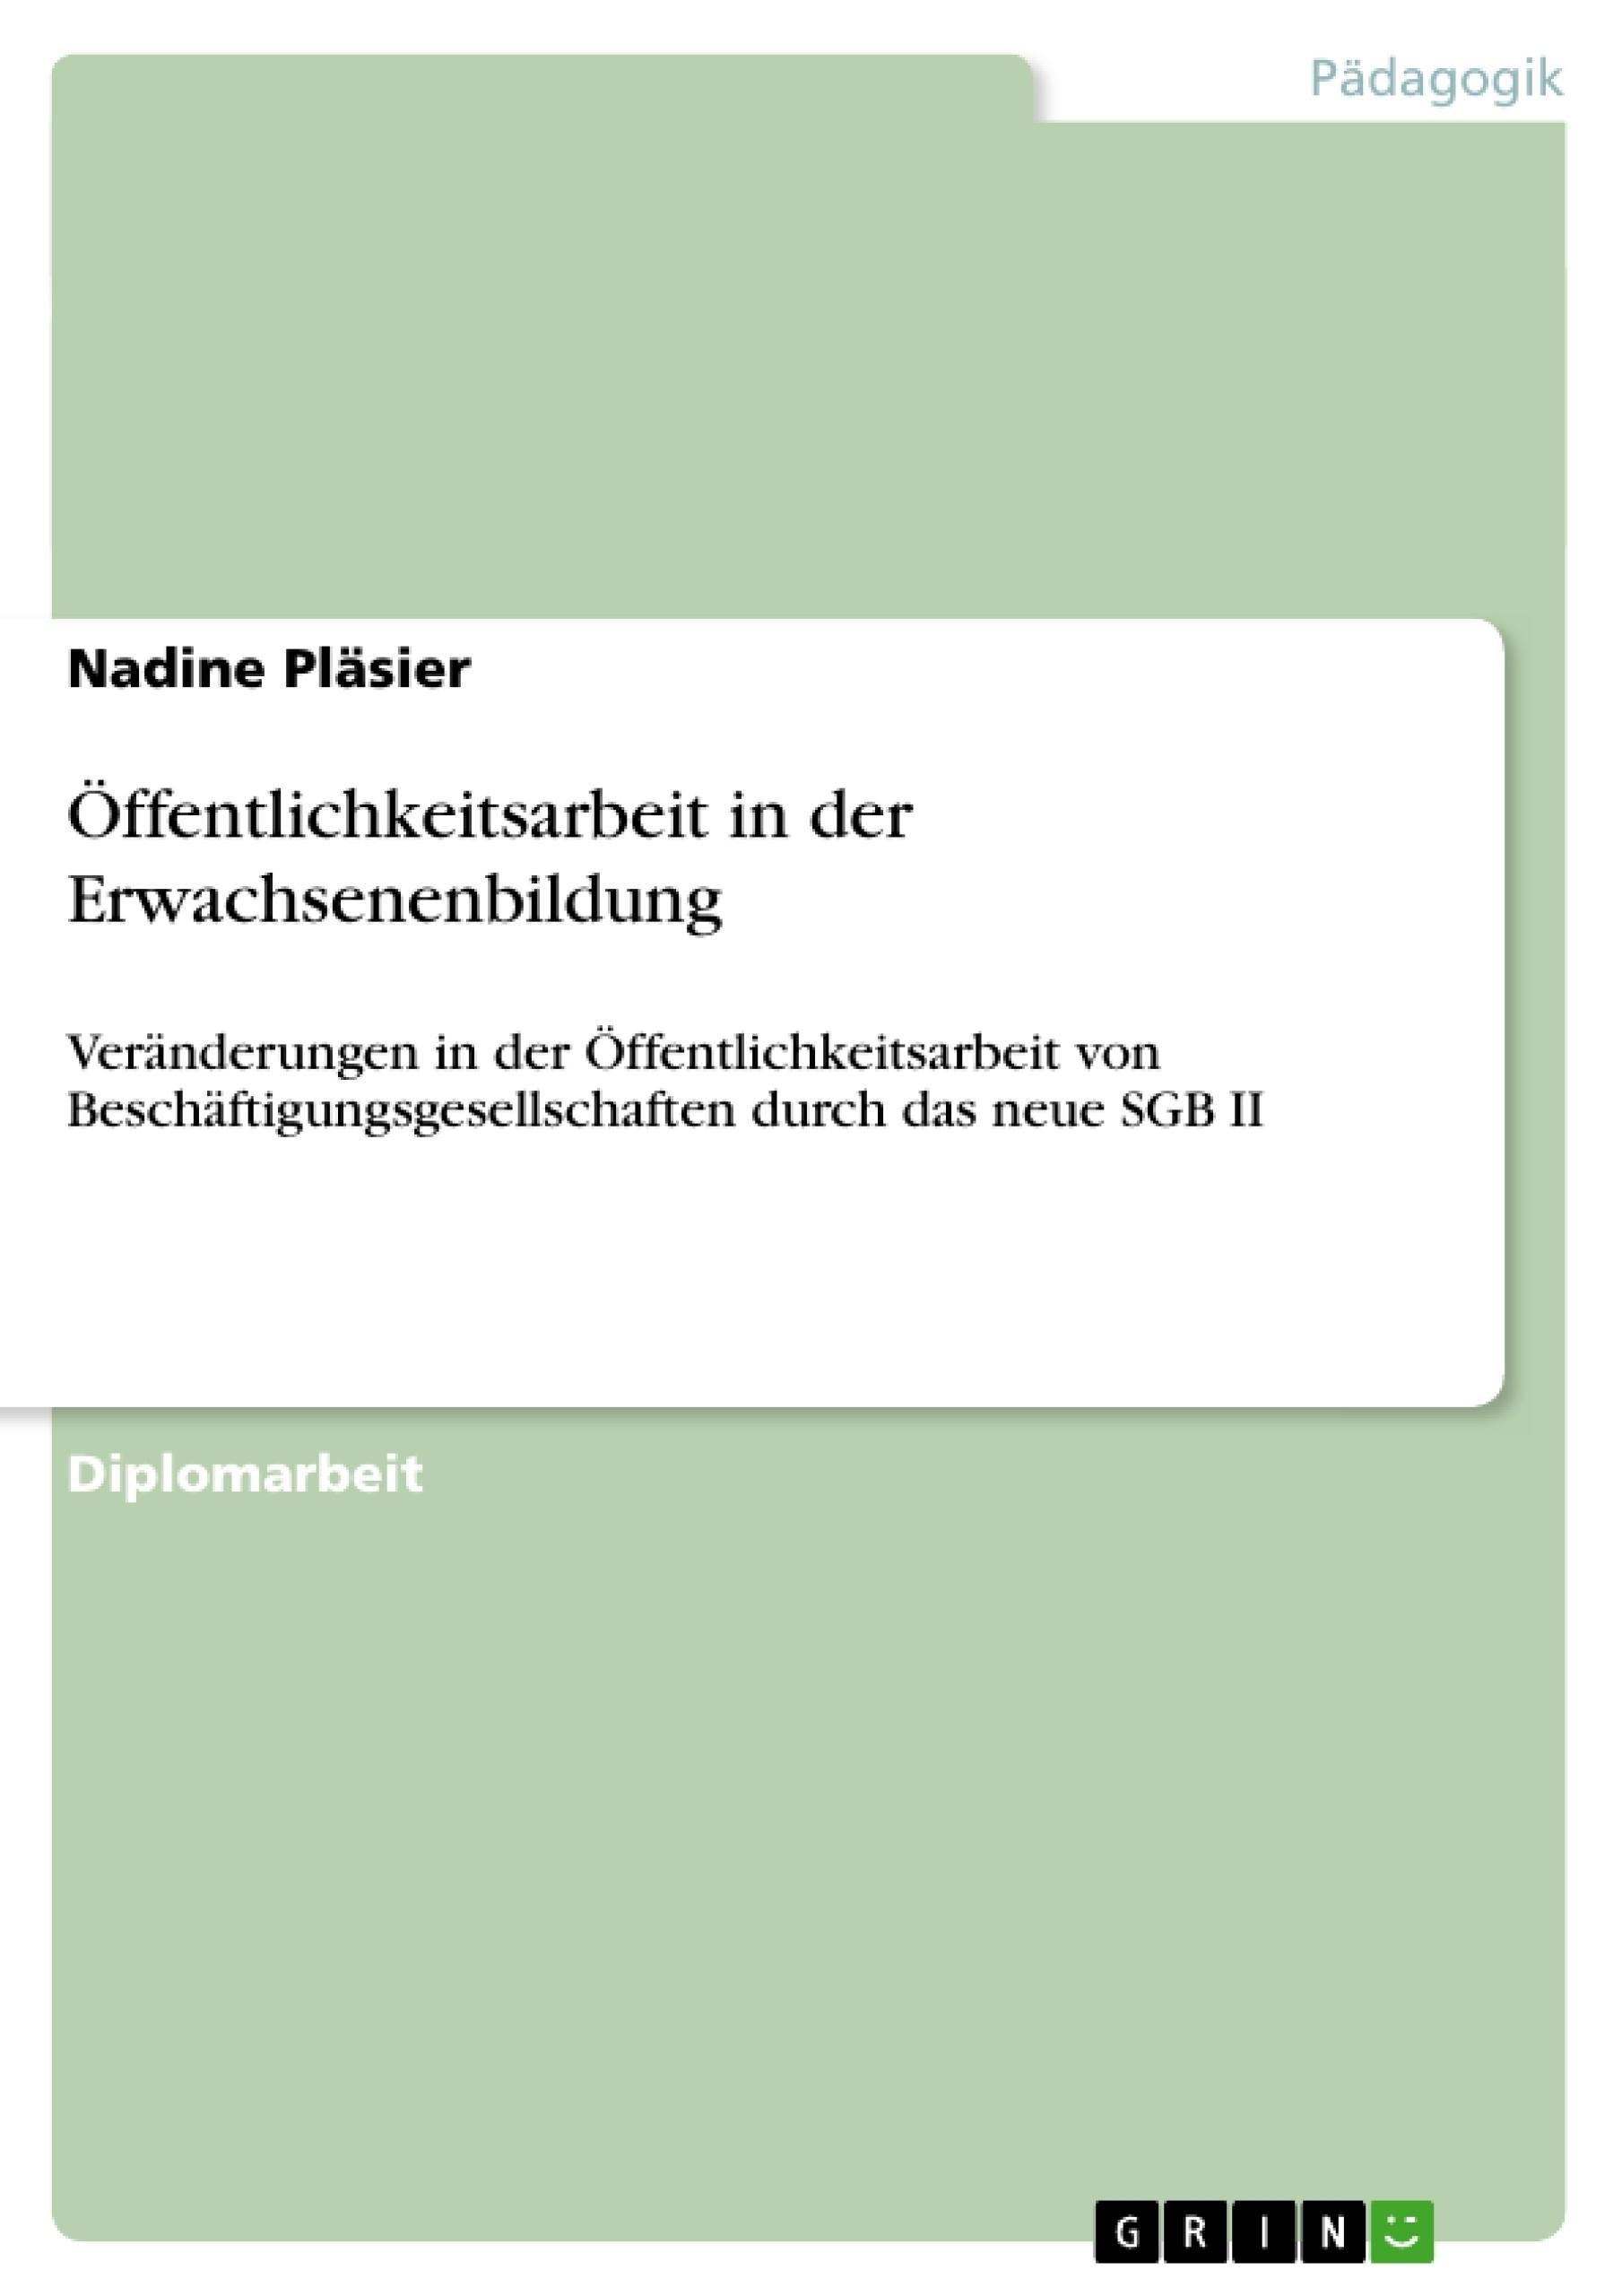 Schön Mechanisches Engg Wiederaufnahme Ziel Bilder - Beispiel ...